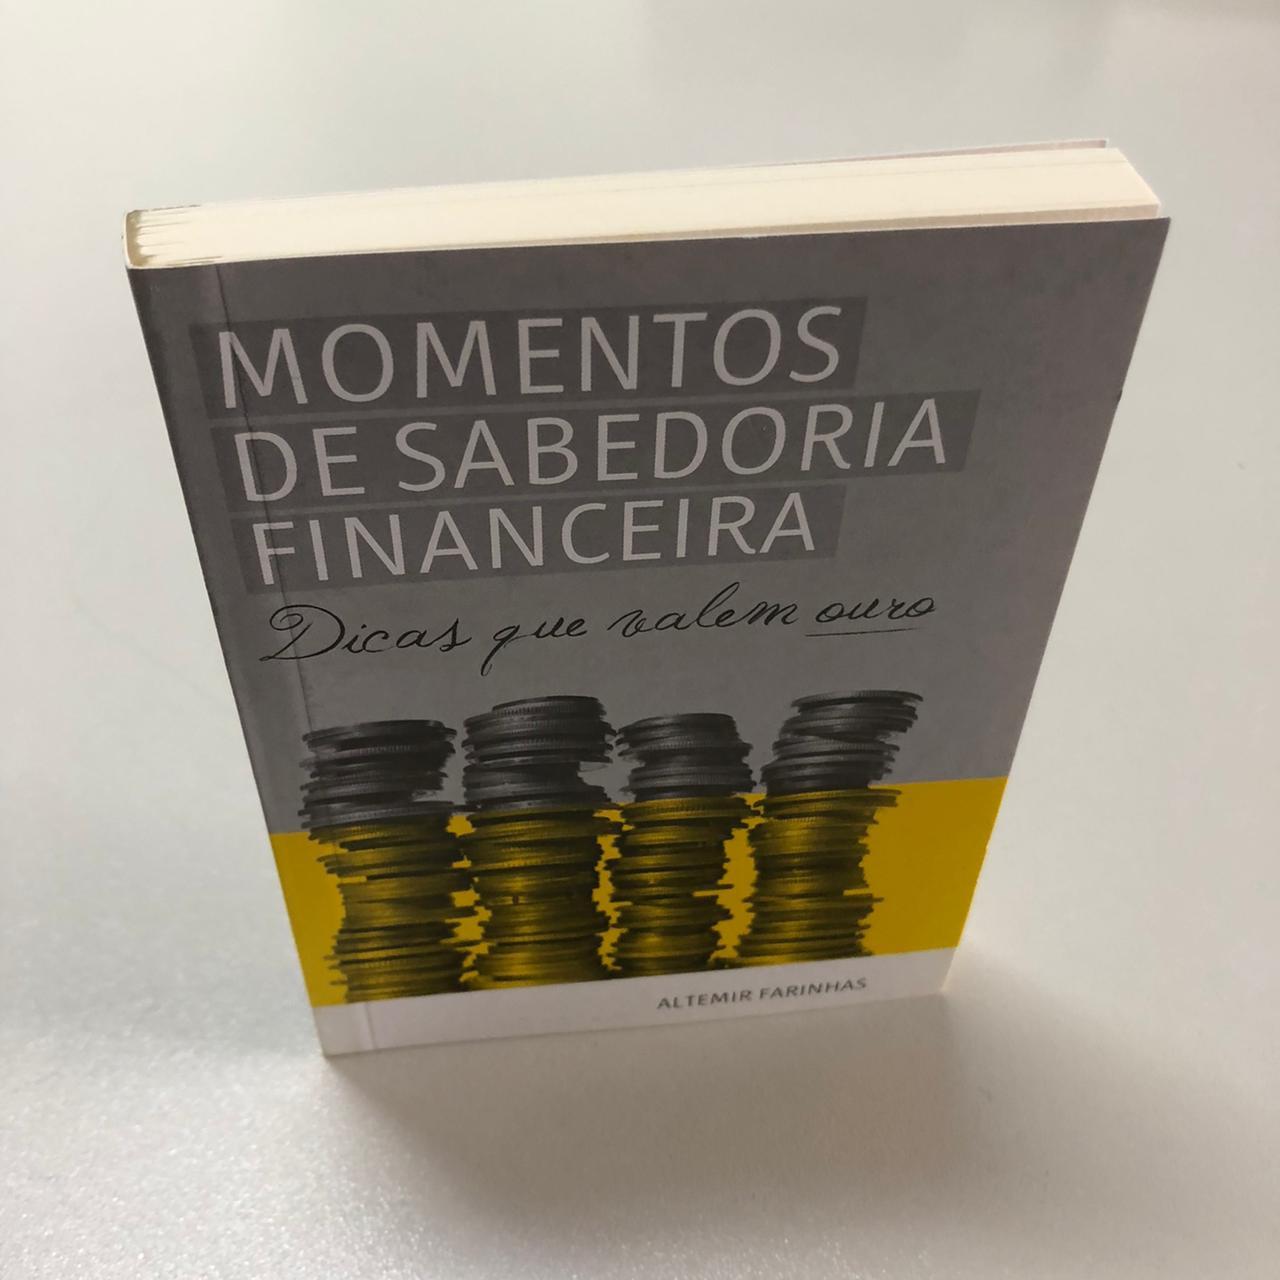 Momentos de Sabedoria Financeira - Dicas que Valem Ouro | Altemir Farinhas